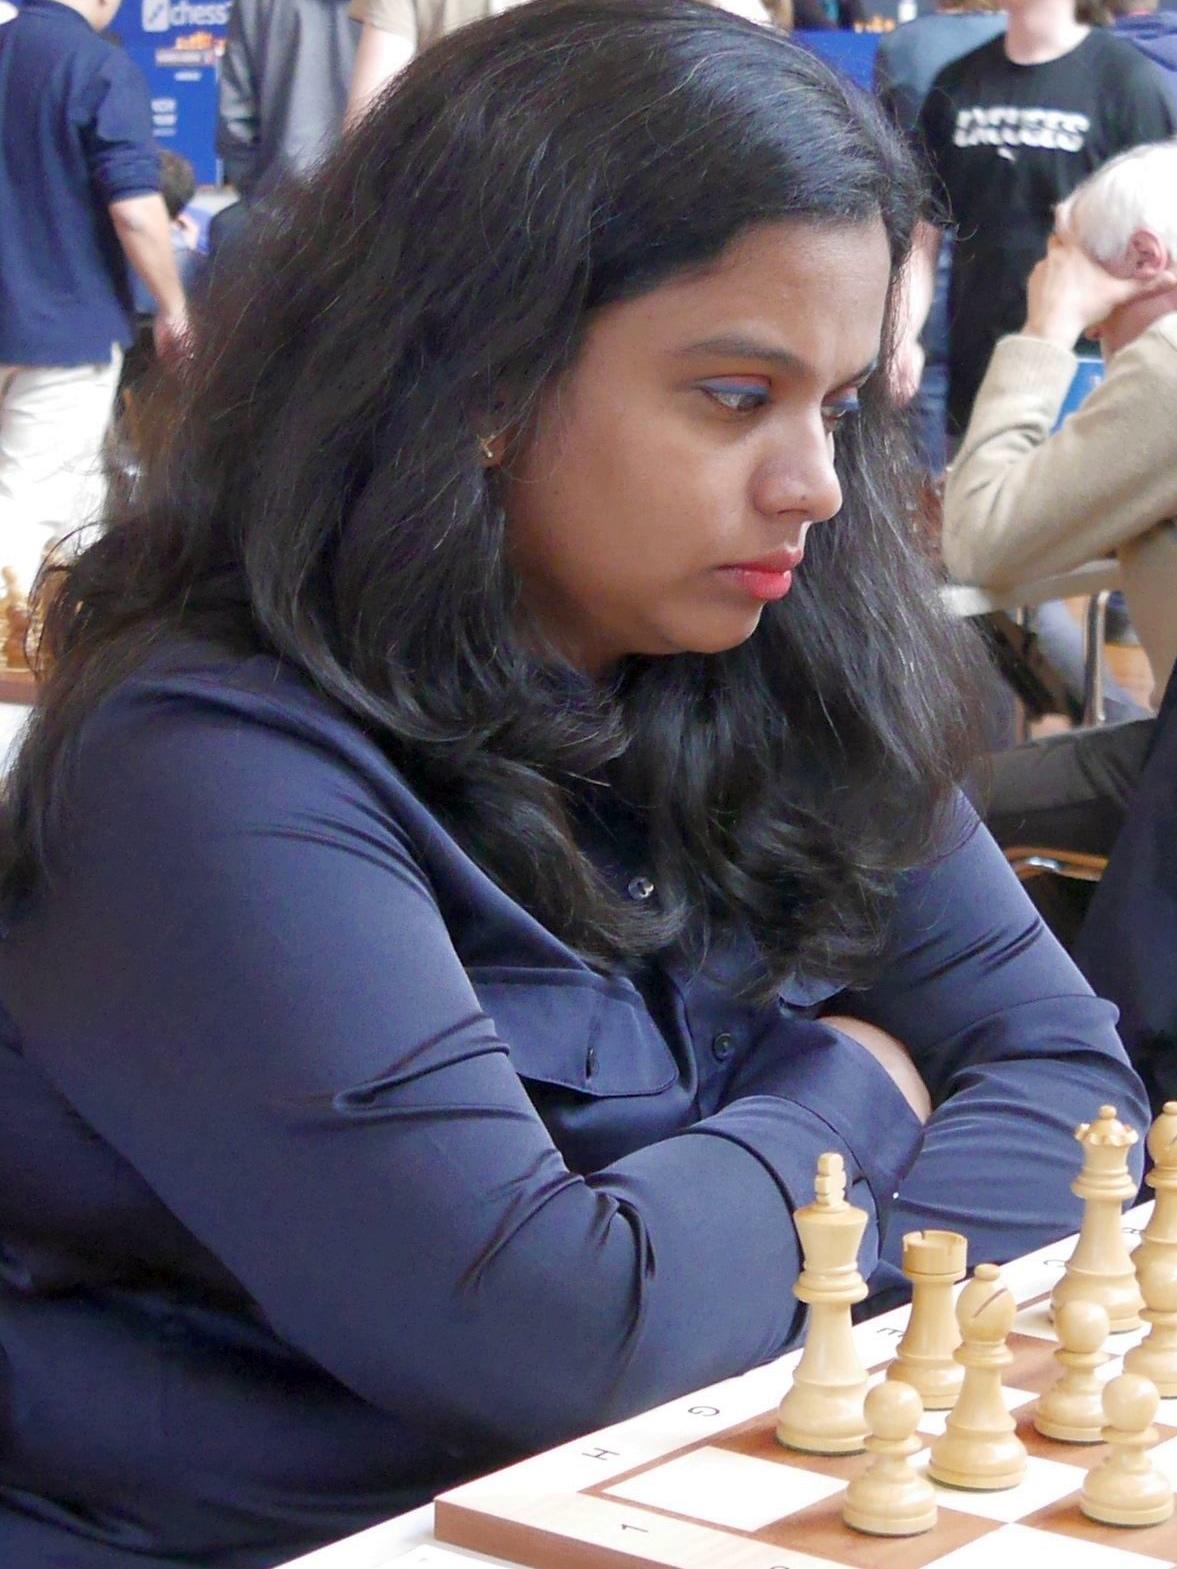 Subbaraman Vijayalakshmi - Wikipedia